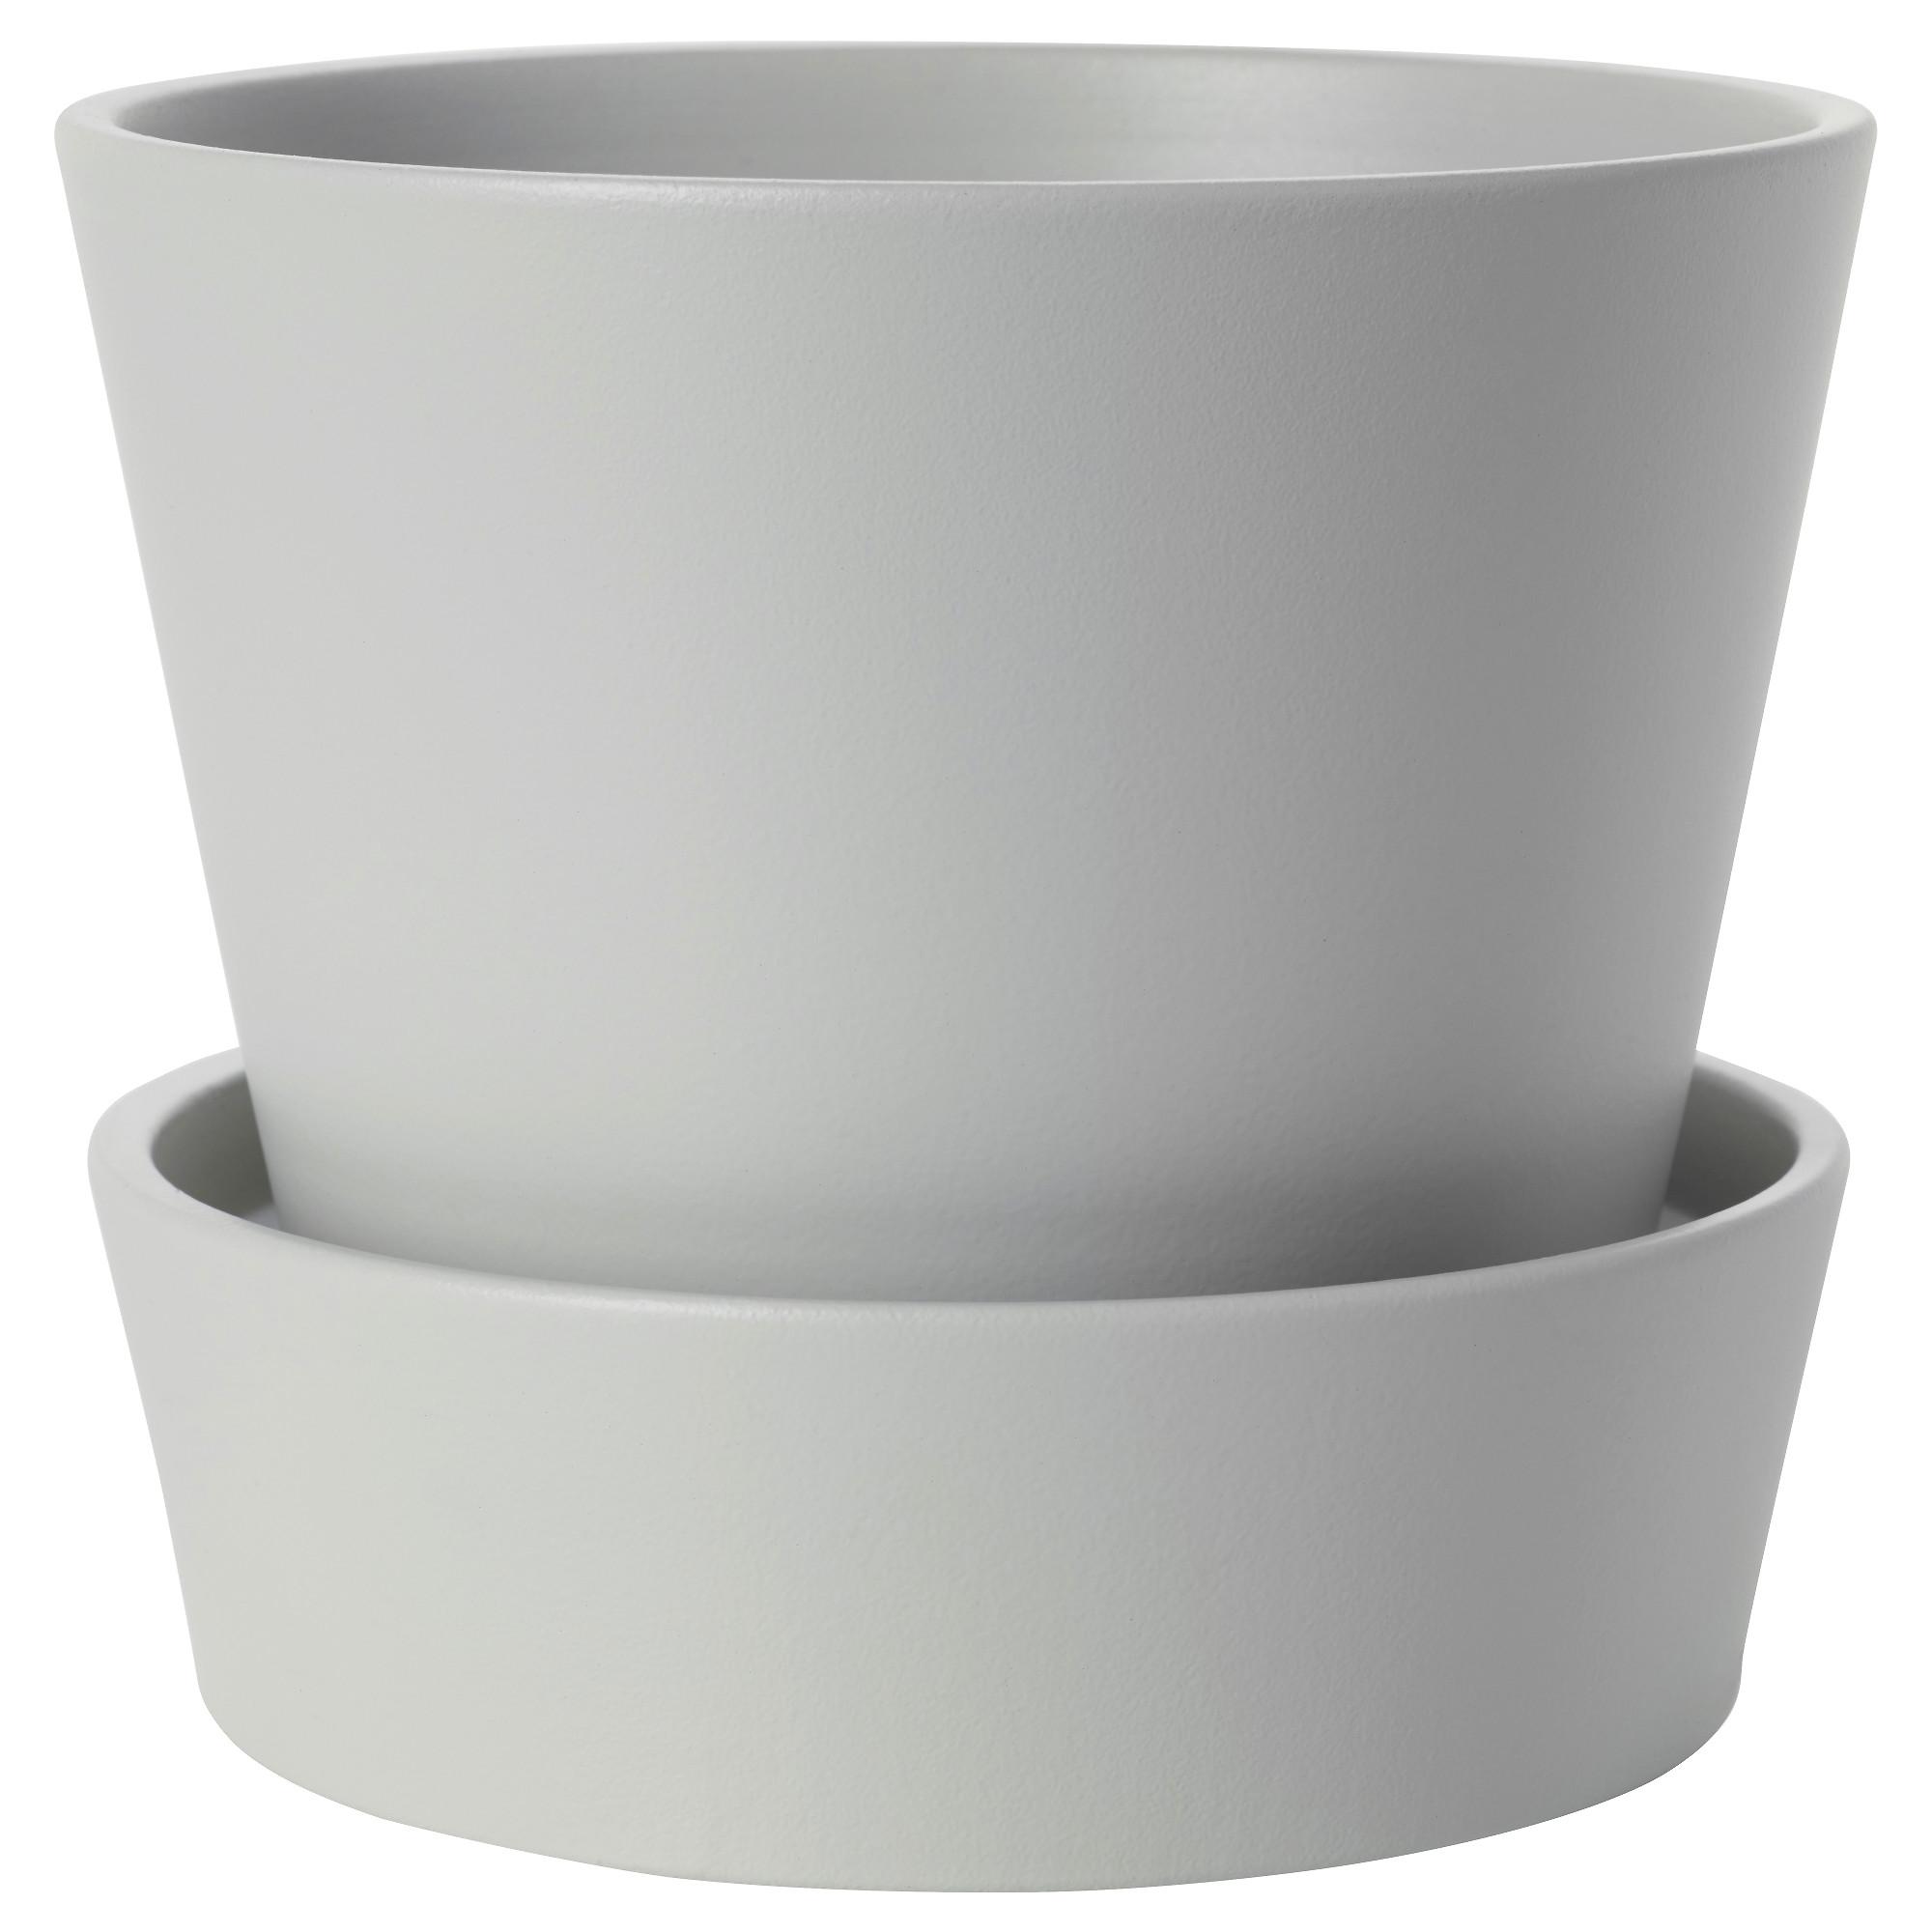 Горшок цветочный с поддоном СЕНАП серый артикуль № 503.432.46 в наличии. Онлайн сайт IKEA Беларусь. Недорогая доставка и соборка.